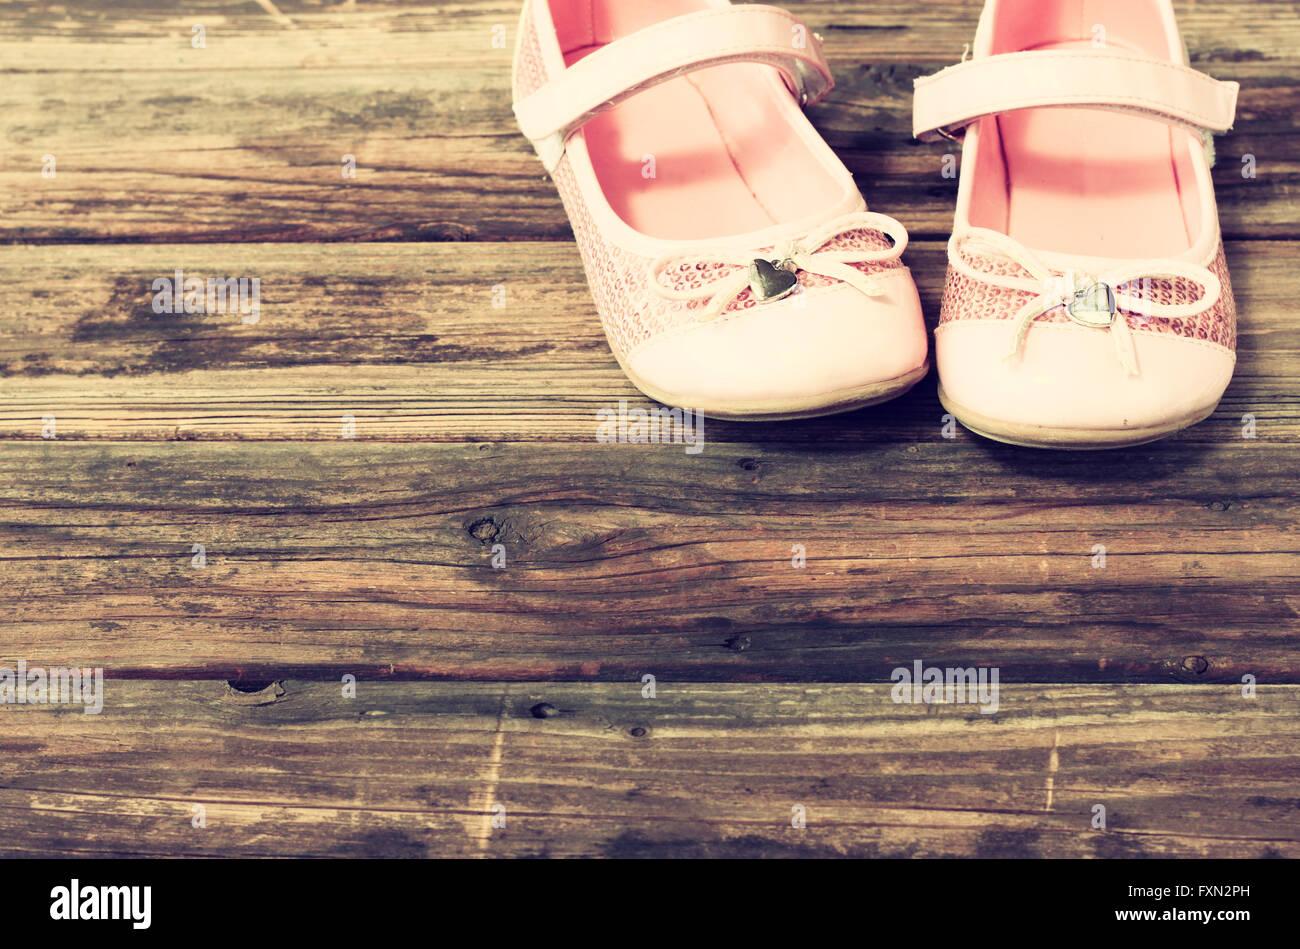 Chaussures fille sur terrasse en bois-de-chaussée. image filtrée. Photo Stock